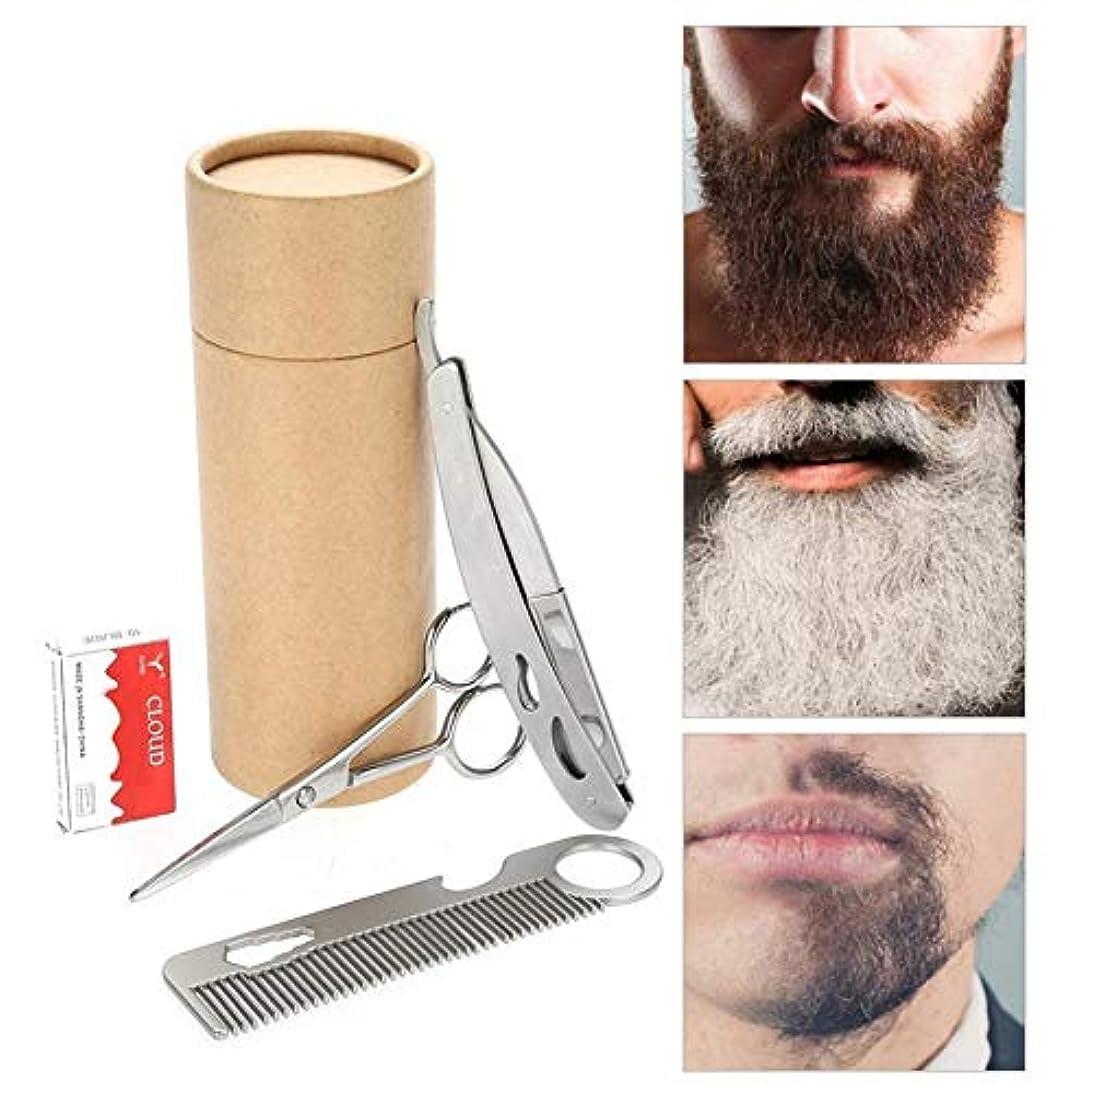 絶対のジャーナル鼓舞する1セット髭剃り顔ヘアケアツール男性ひげブラシ櫛キット男性口ひげグルーミングシェービング保湿男性ひげケアツール